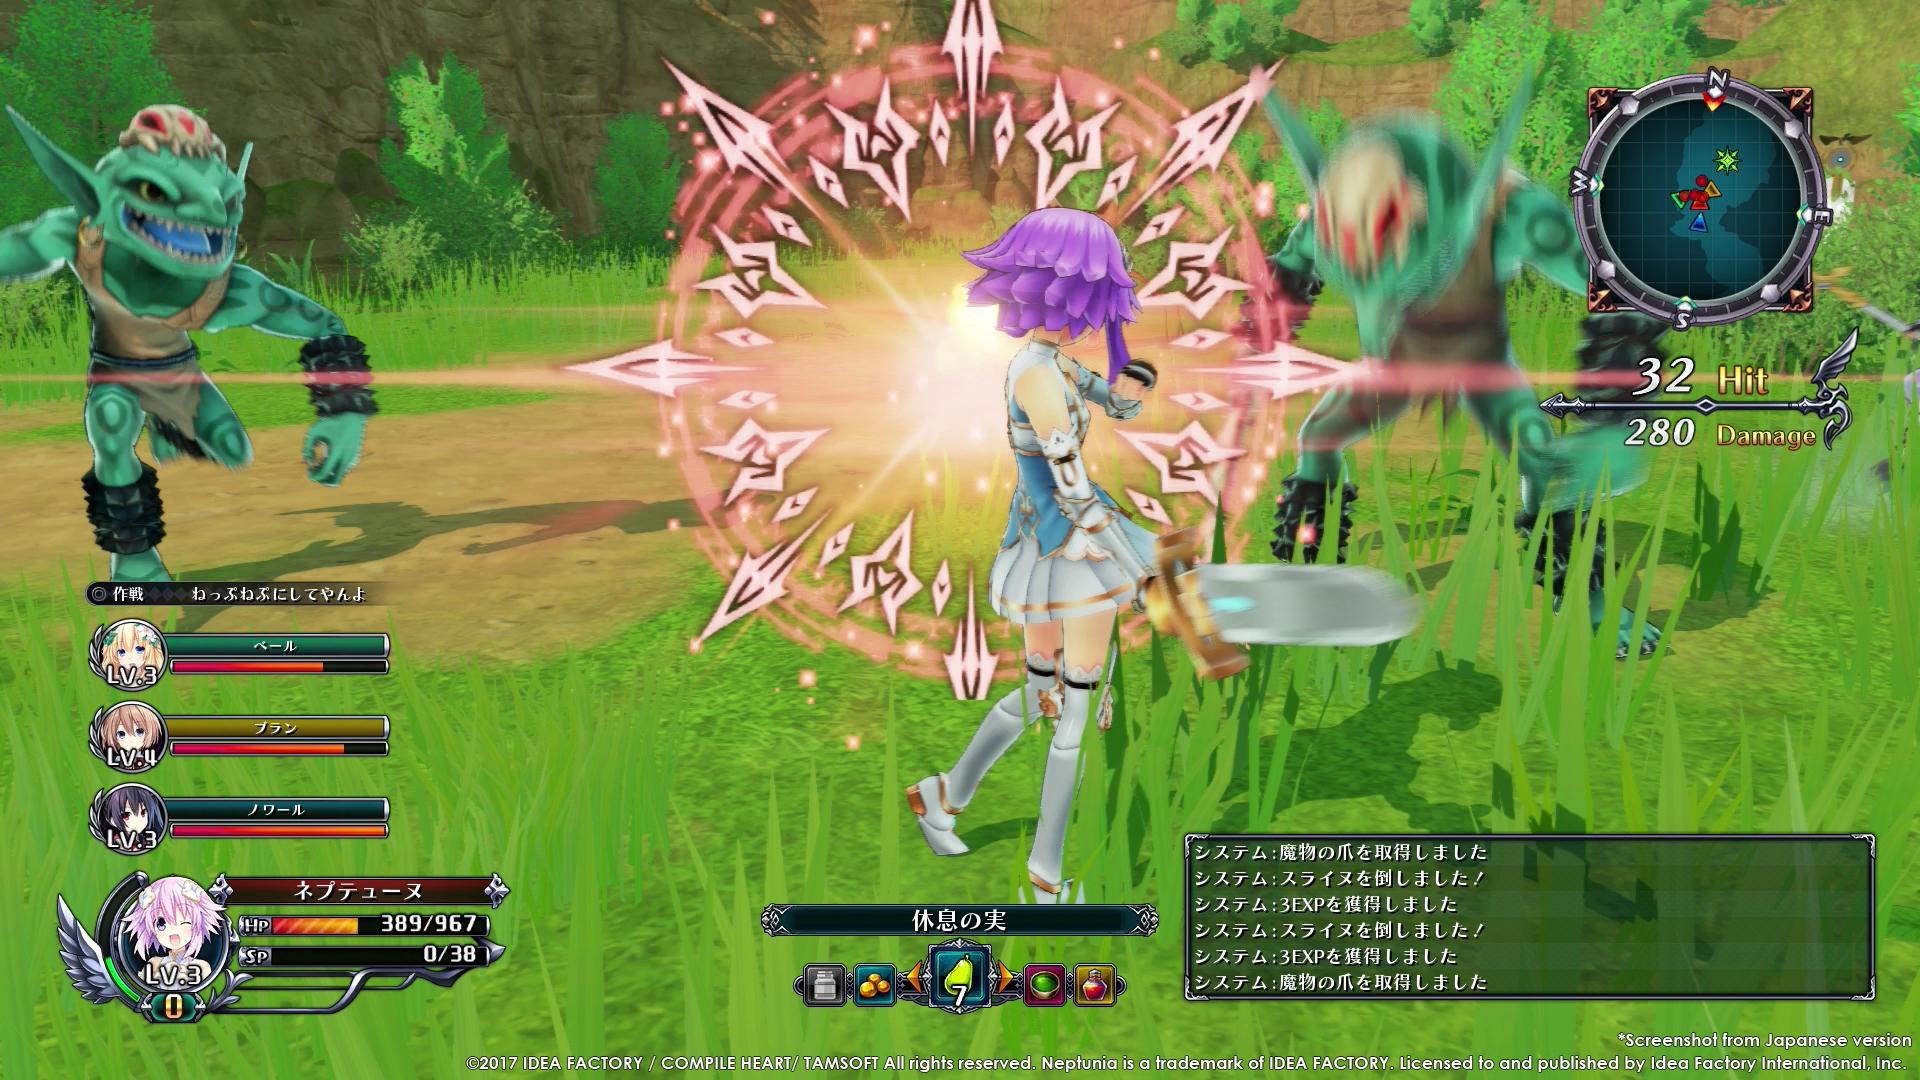 Cyberdimension Neptunia: 4 Goddesses Online dorazí koncem roku 140032